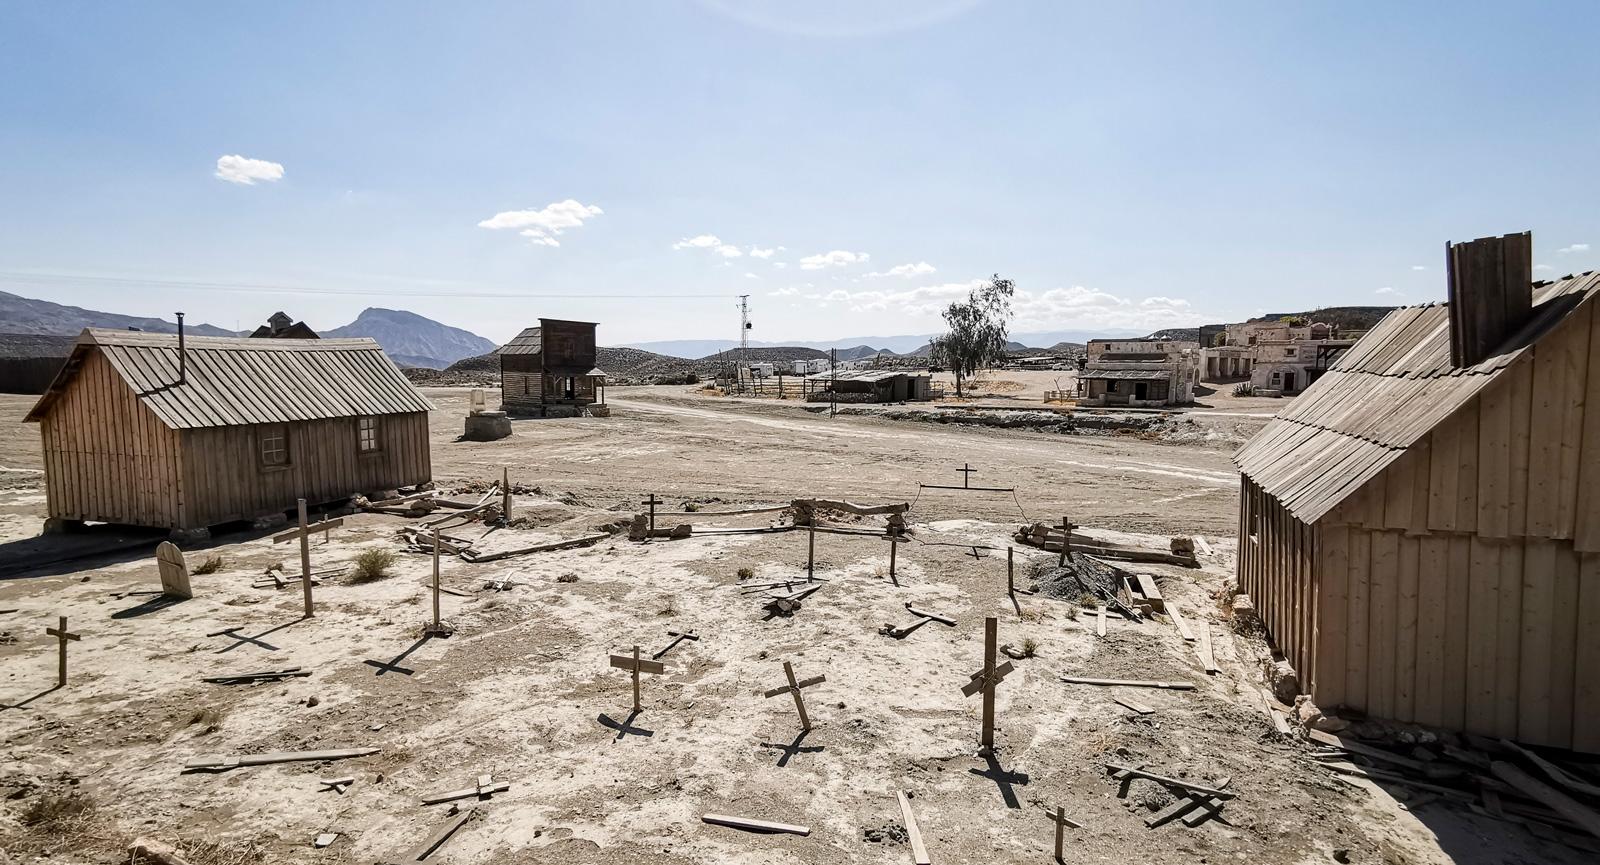 Gravplatsen i Fort Bravo är bara fejk. Det tror vi åtminstone. Här skiner i alla fall solen för det mesta.